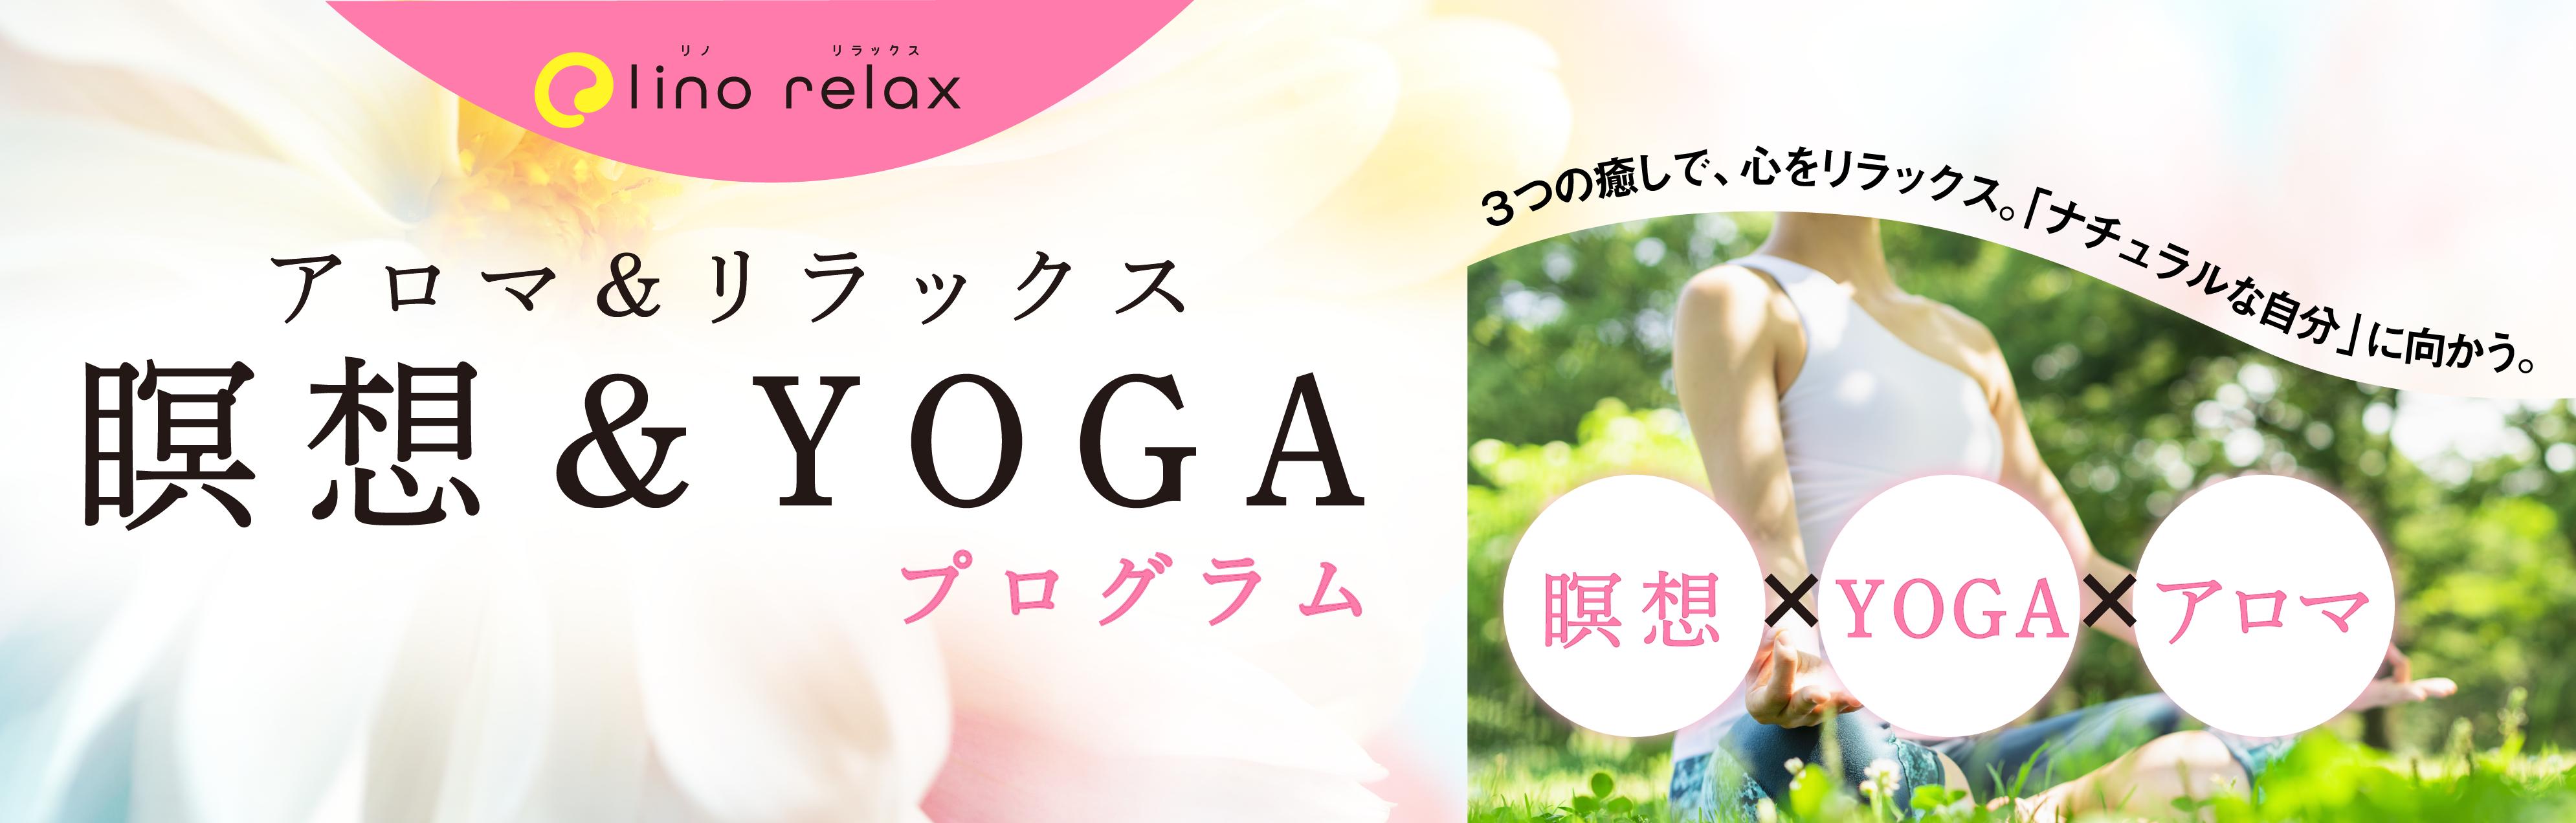 リノリラックス 瞑想&YOGAプログラム